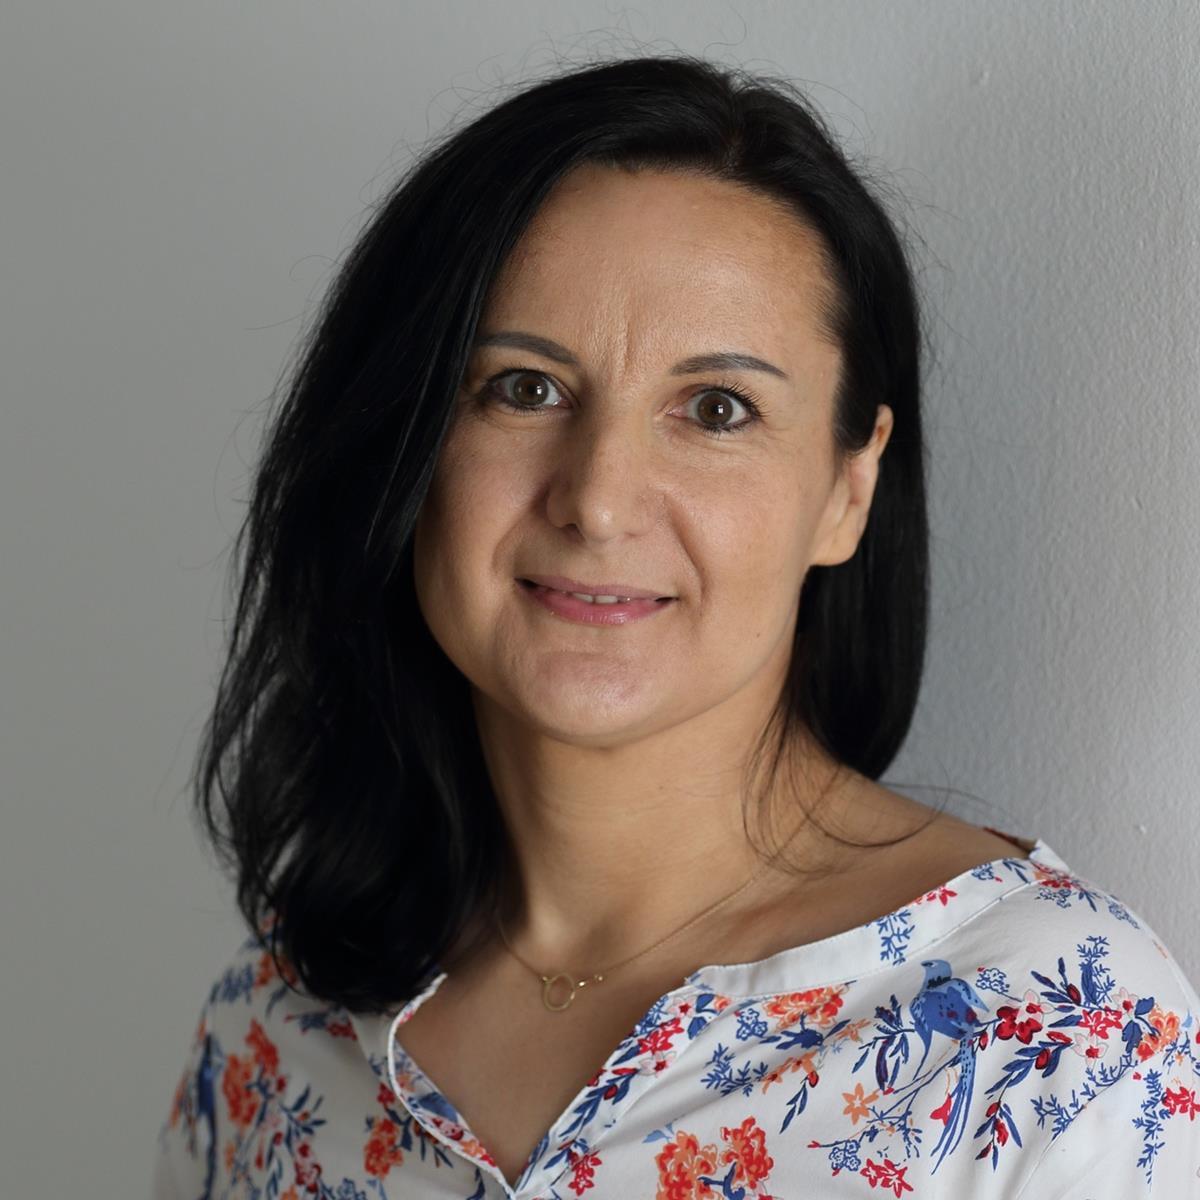 Beata Belchowska